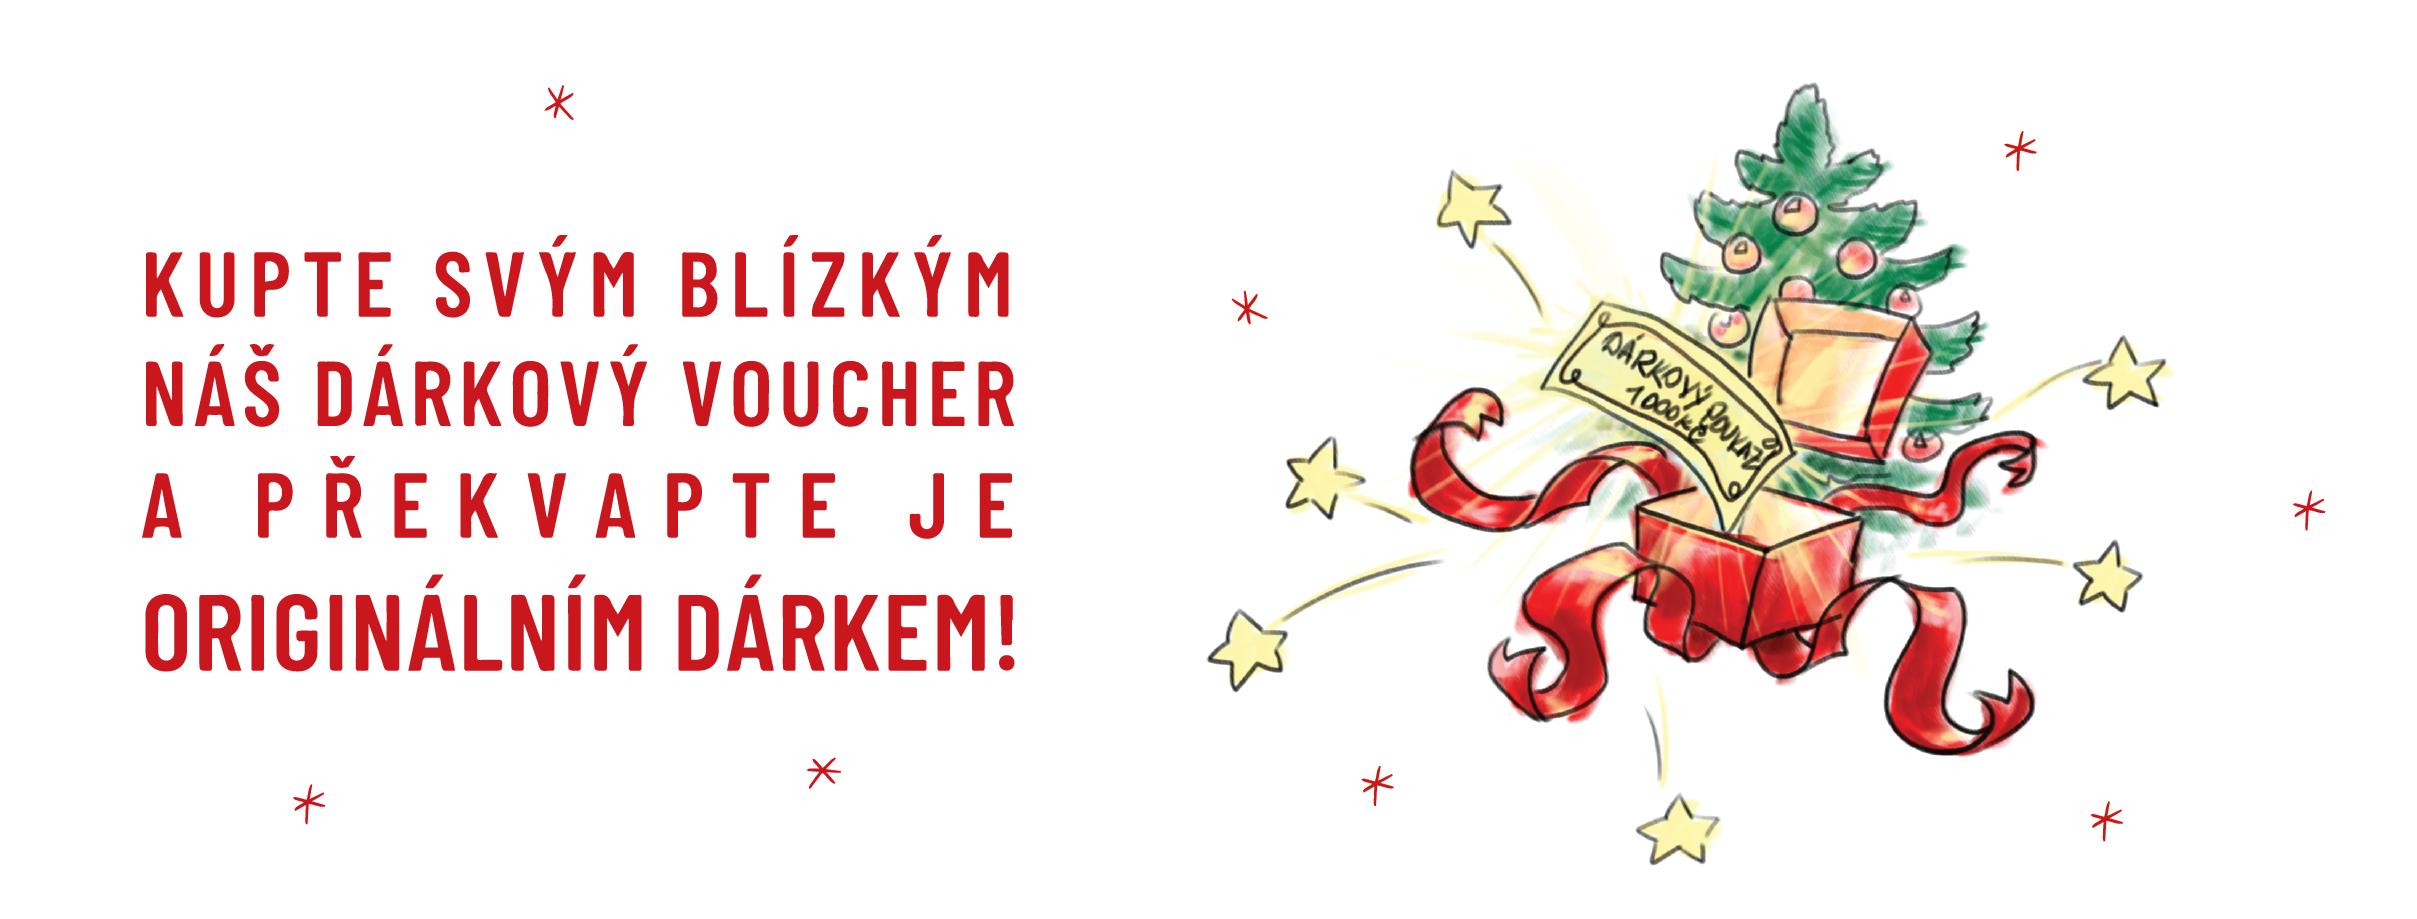 Kupte svým blízkým náš dárkový voucher!